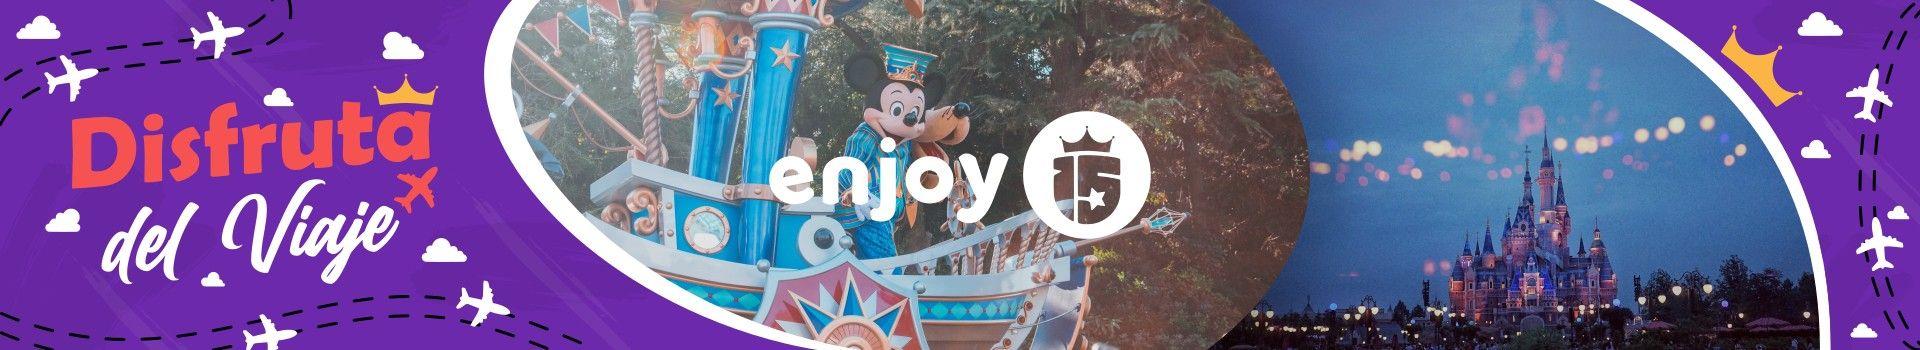 Enjoy 15 los mejores 15 de tu vida :D